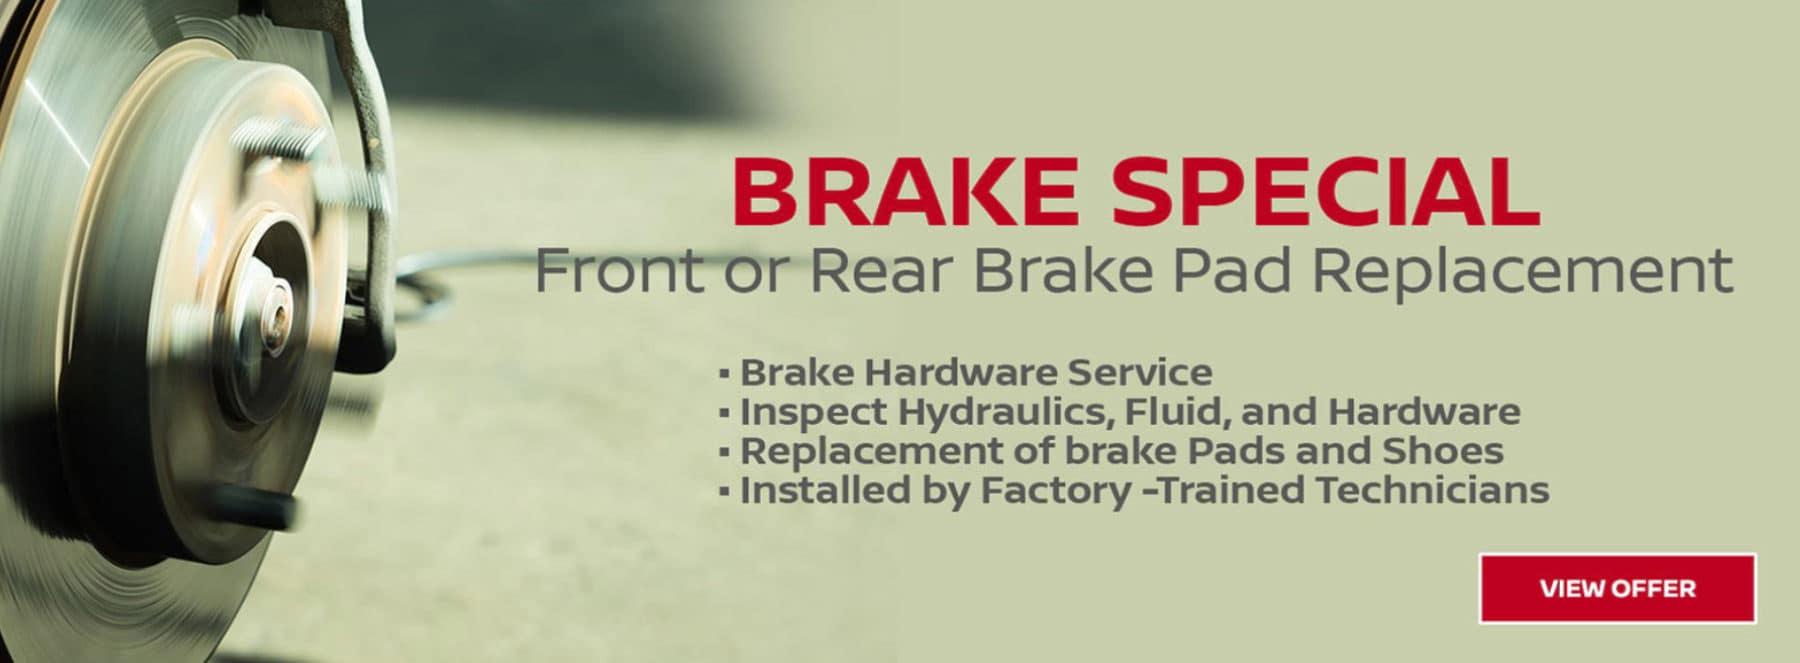 special-brake-1800×663